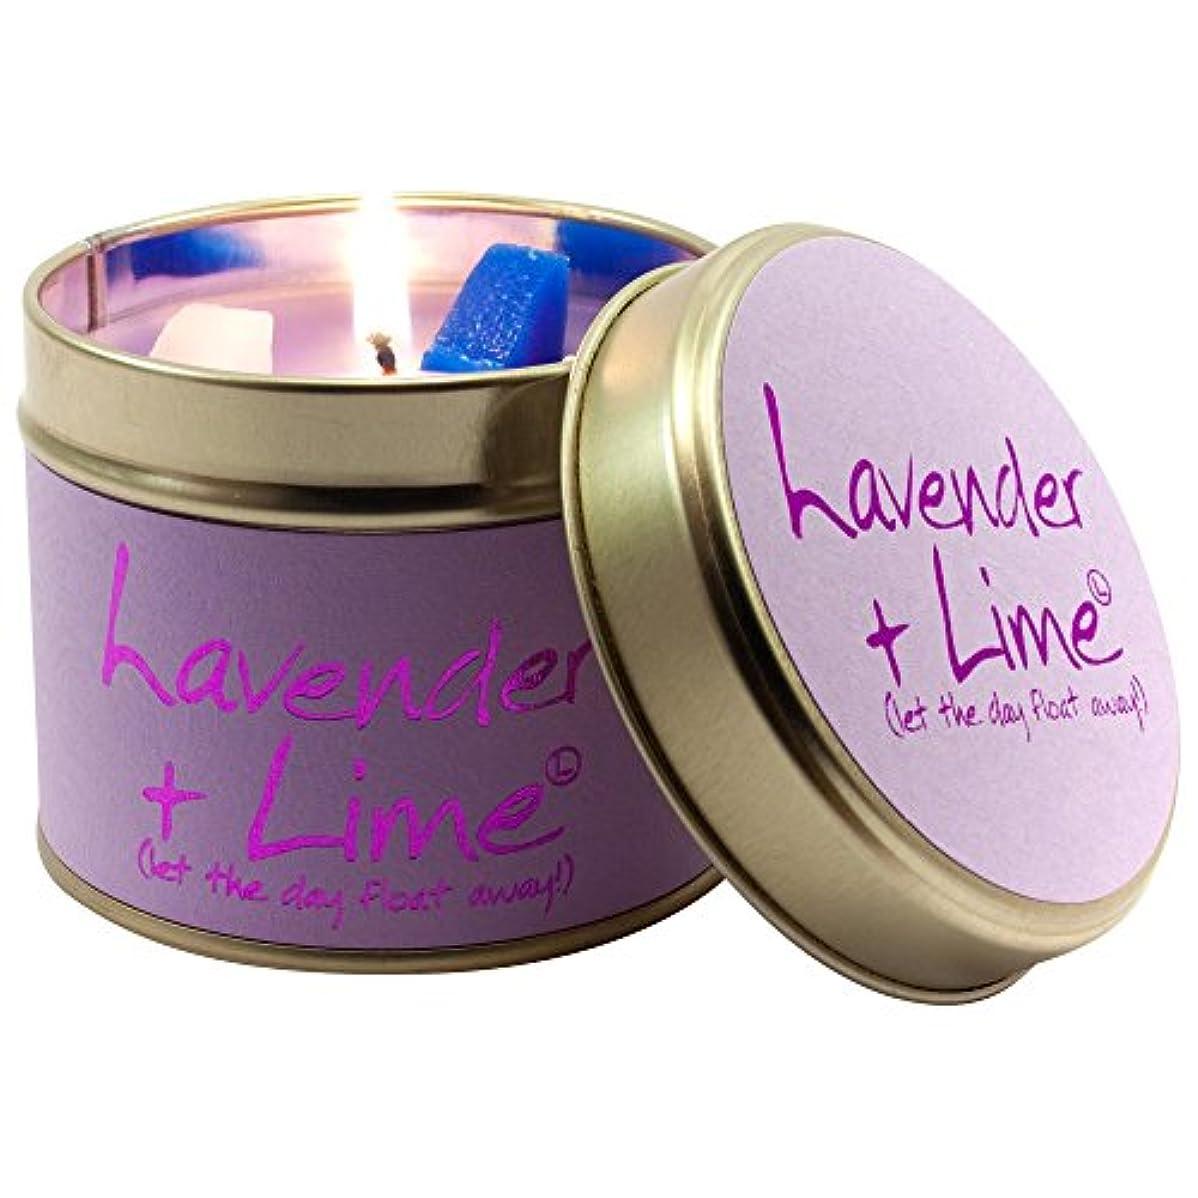 見込み宙返り洞察力のあるLily-Flame Lavender and Lime Scented Candle Jar (Pack of 6) - ユリ炎ラベンダー、ライムの香りのキャンドルジャー (Lily-Flame) (x6) [並行輸入品]